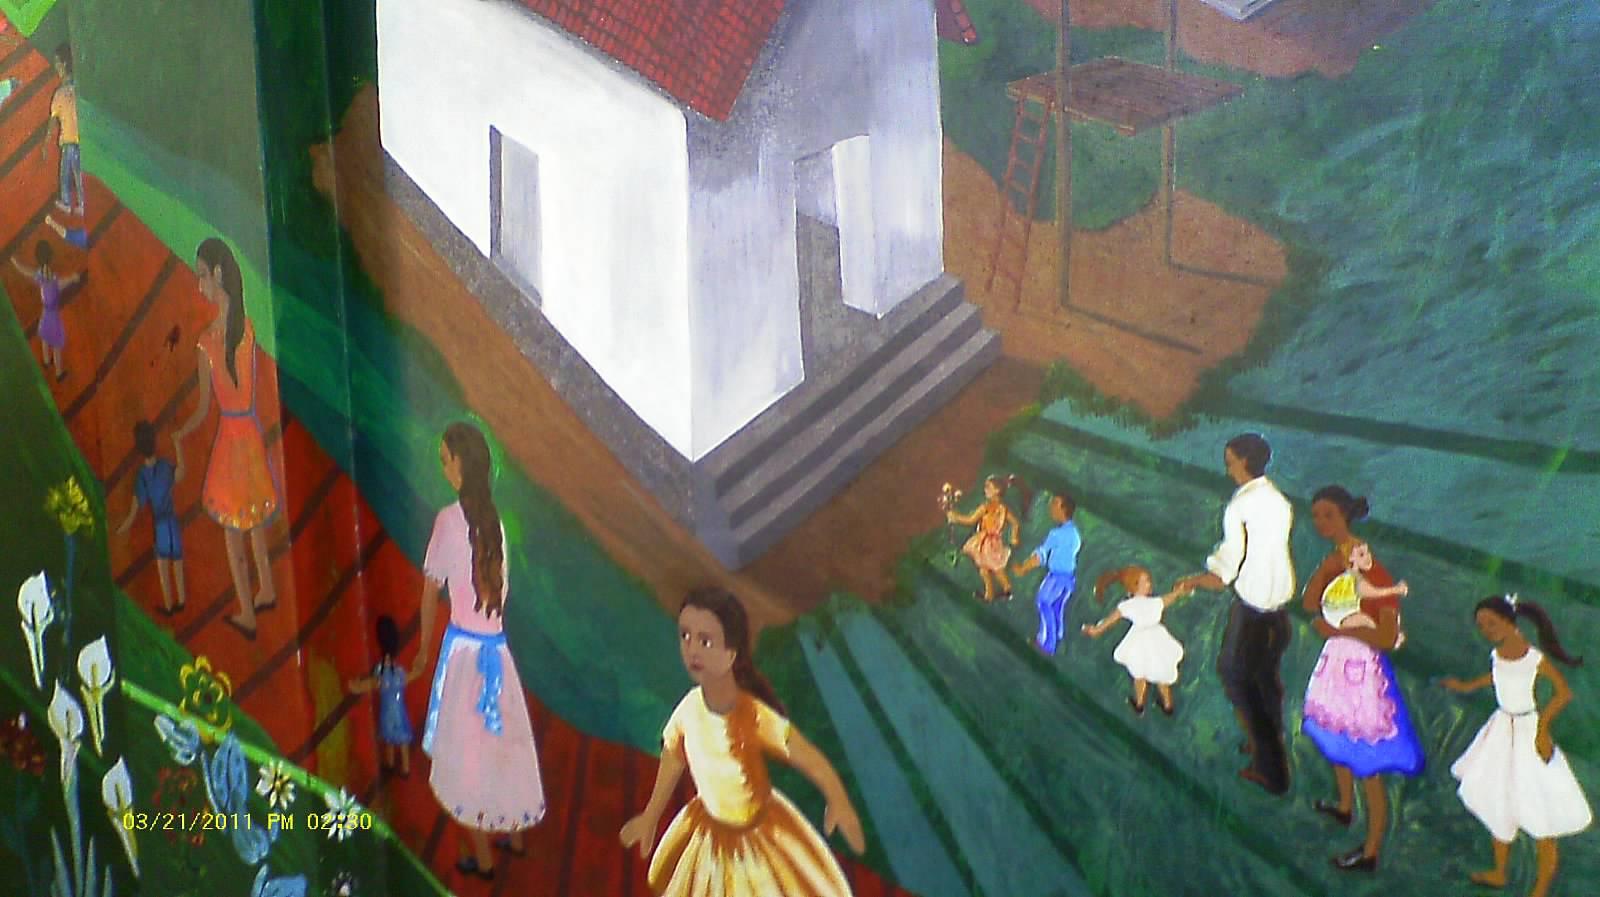 Mural at El Mozote